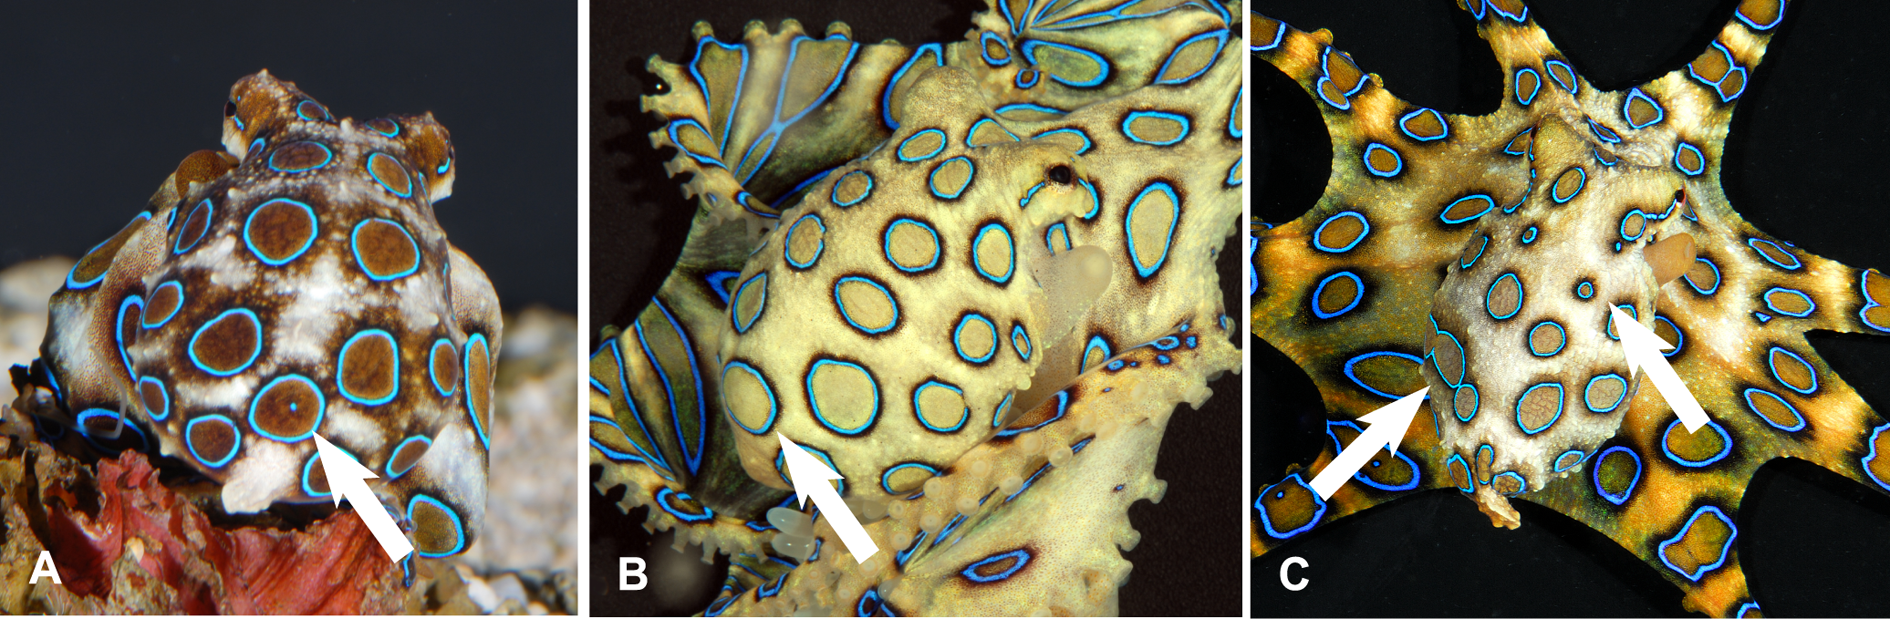 Blue Ringed Octopus Natulius Habitat